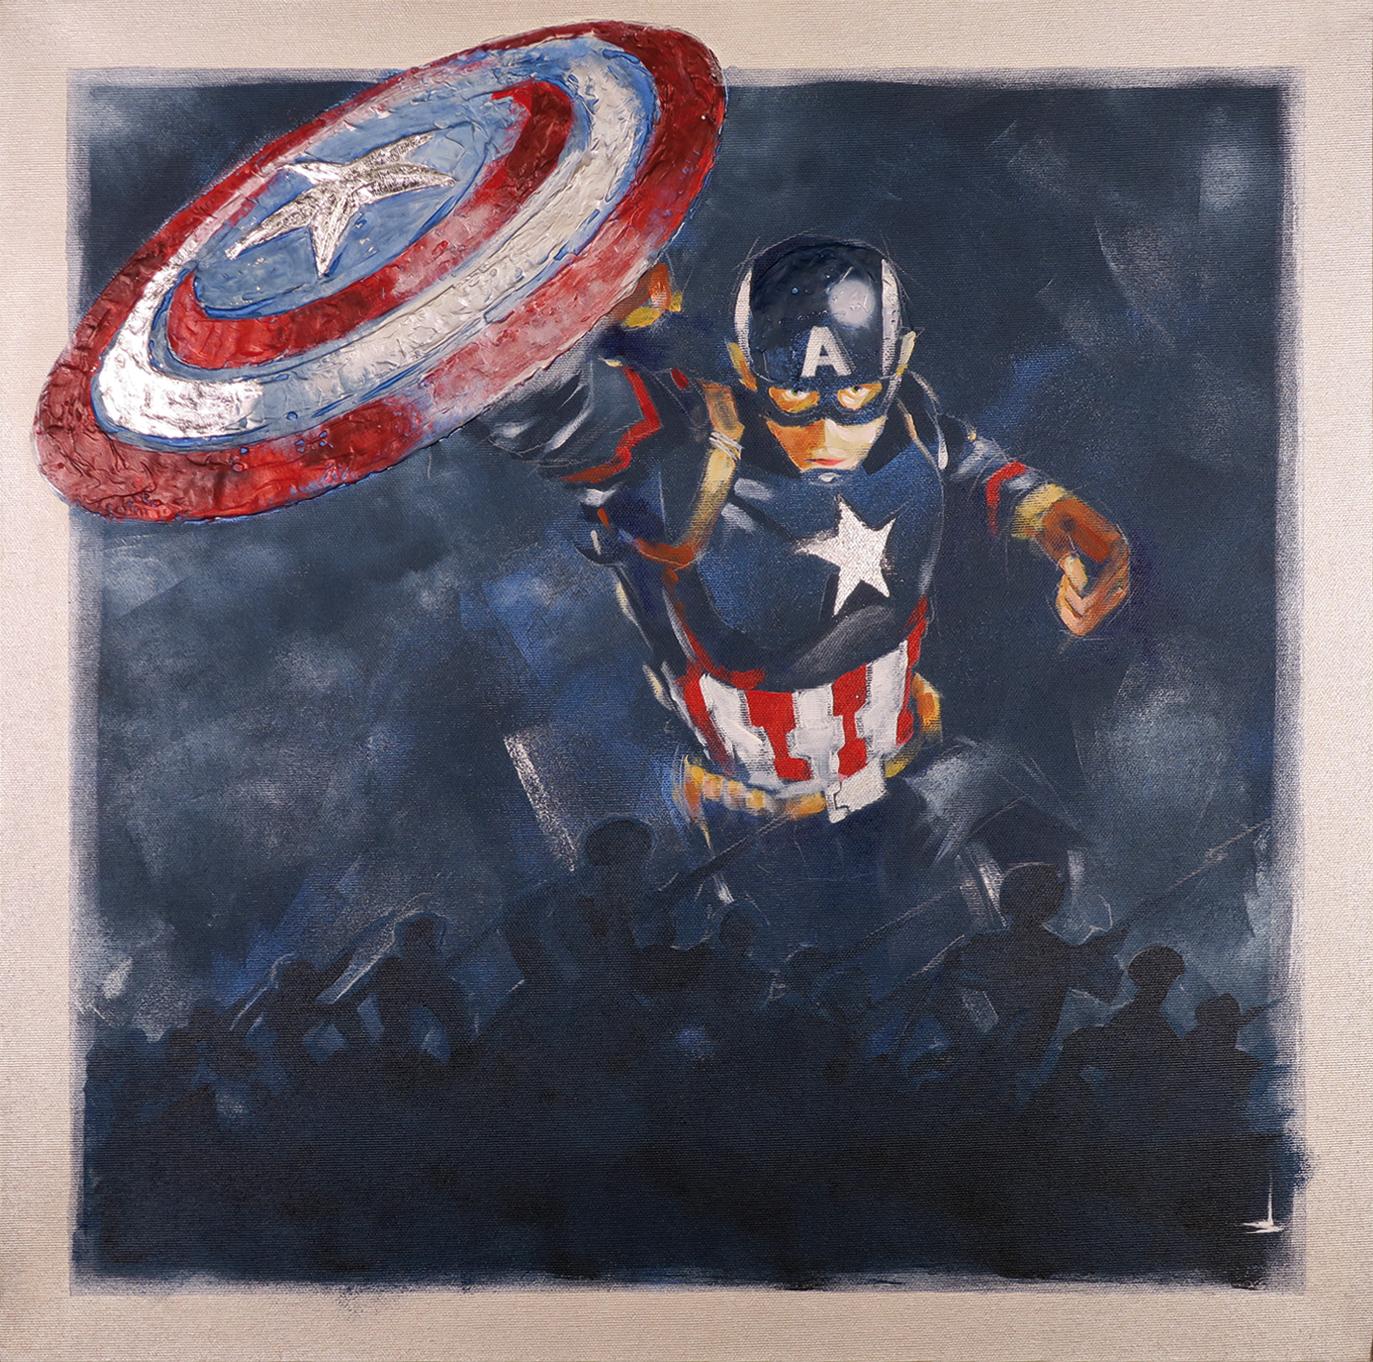 SH_Captain_America_60x60_Acrylic_On_Canvas